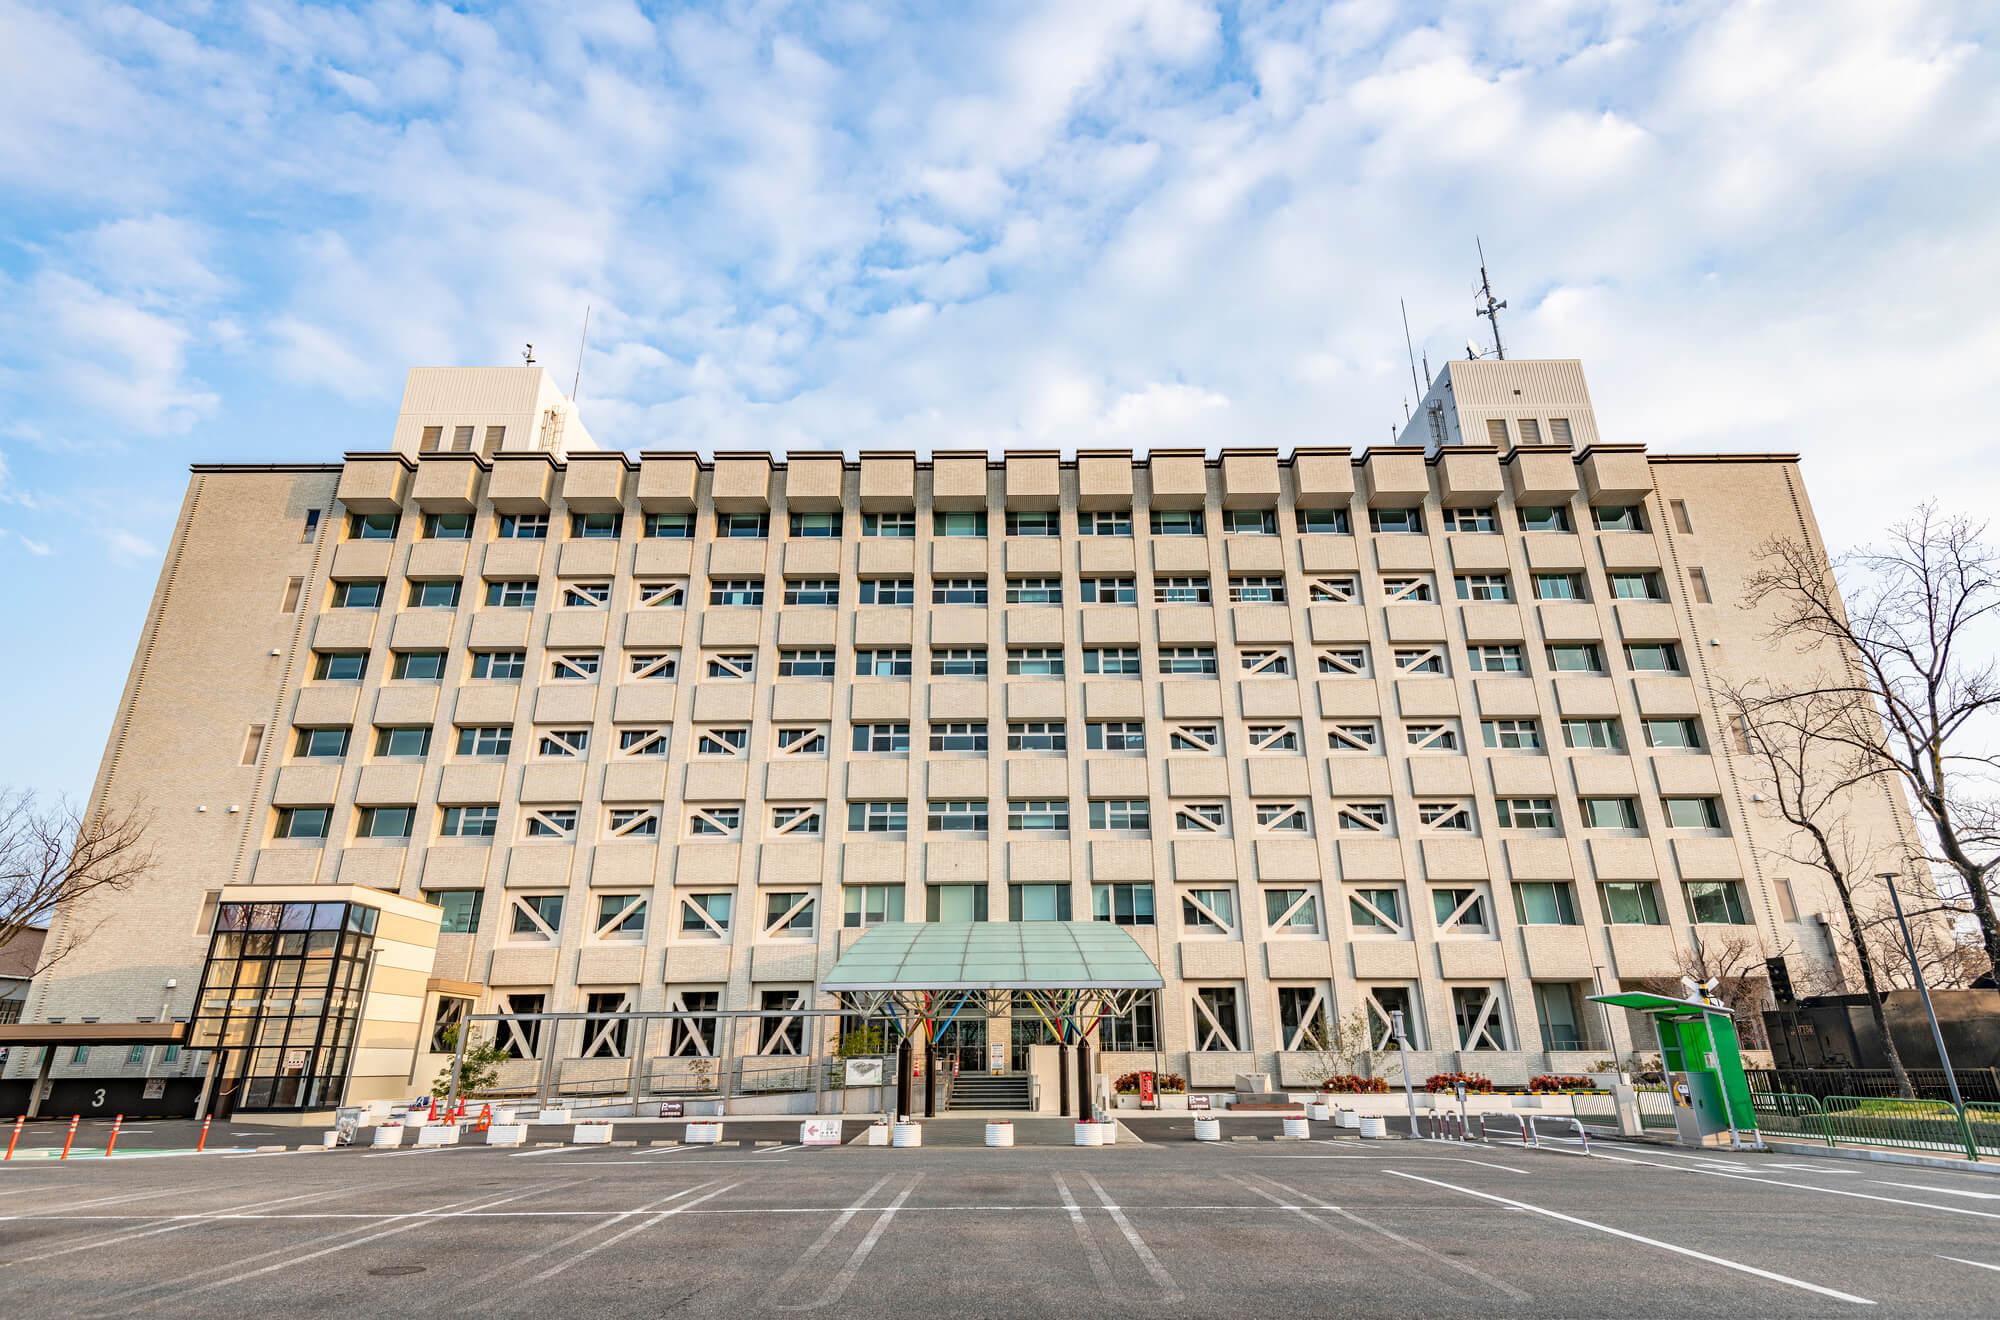 市庁舎のITインフラを整えることは自治体にとって今後の課題の一つ